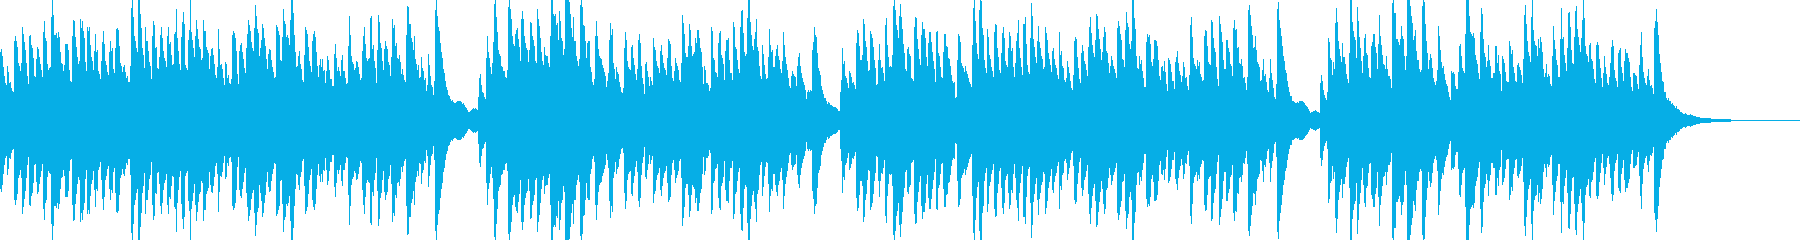 伝承歌「小山の子うさぎ」ハープのインストの再生済みの波形